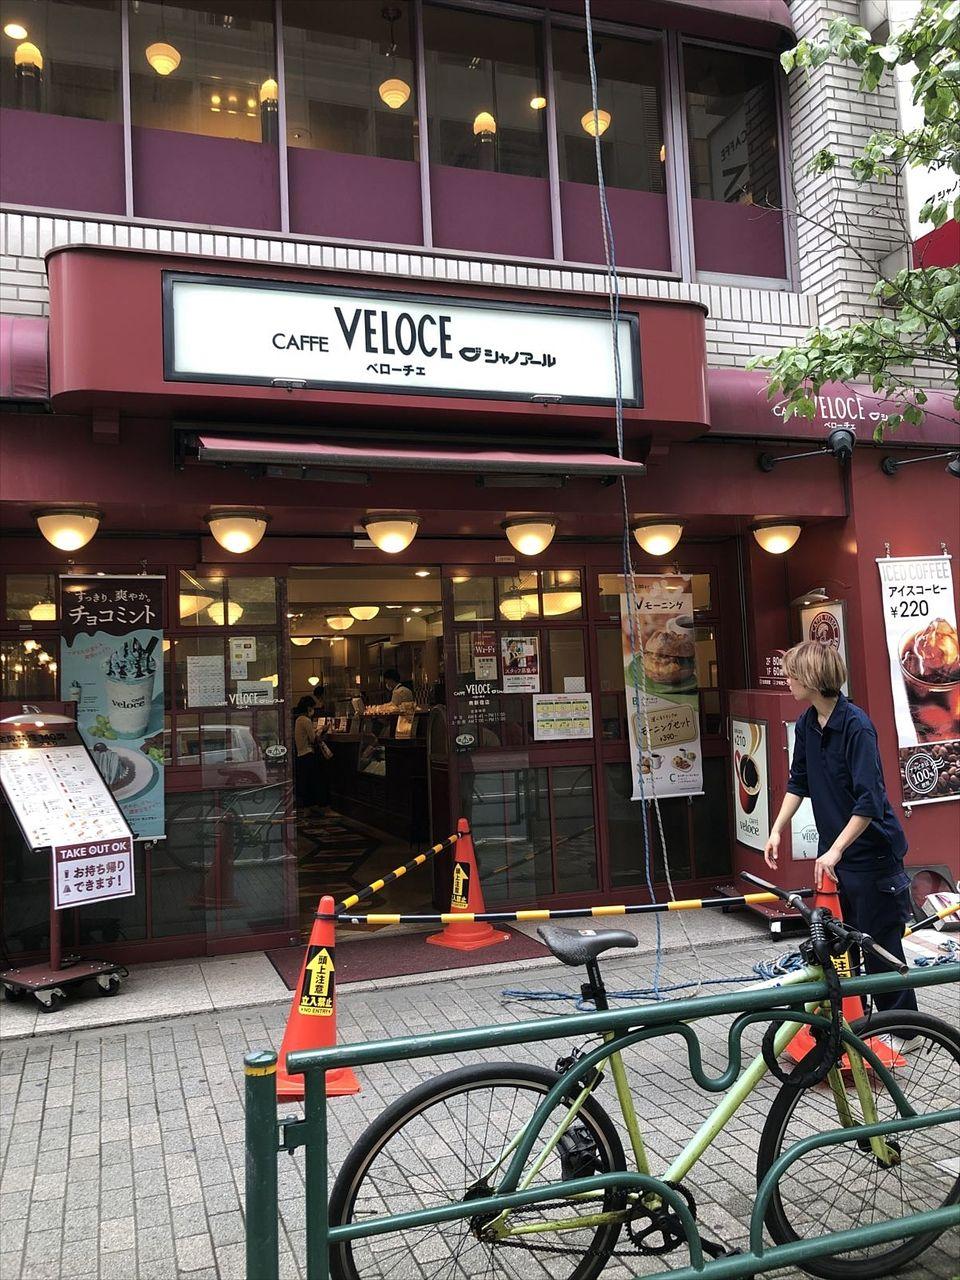 GSハイム佐藤ビルから徒歩1分のカフェ・ヴェローチェ南新宿店 コーヒーゼリーが美味しい